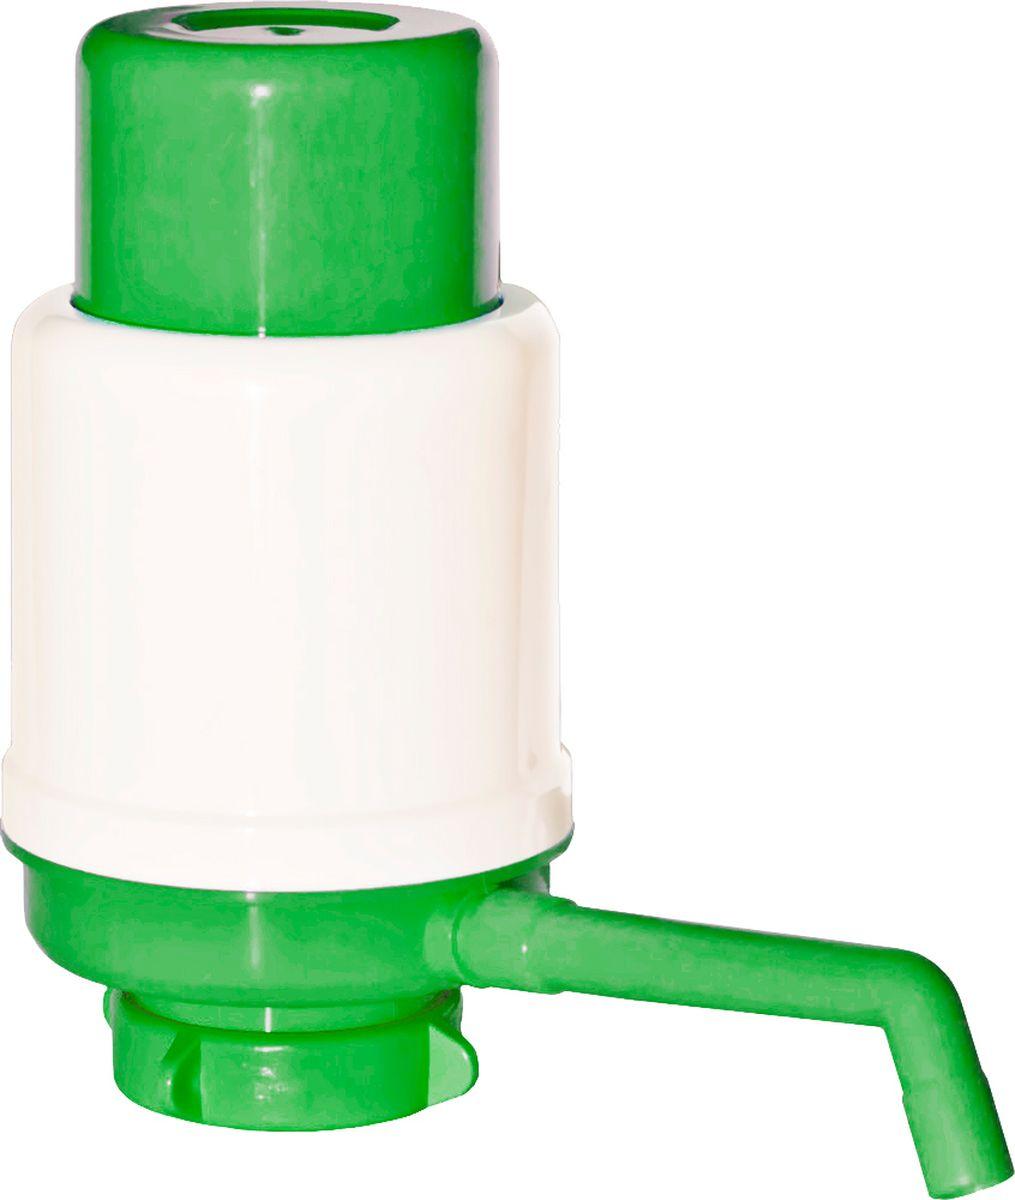 Aqua Work Дельфин Эко, Green помпа для воды20089Ручная помпа для воды Дельфин Эко проста и удобна в эксплуатации. Ее приобретают домой и в офисы, берут с собой в поездки на природу и на дачу.Детали тщательно подогнаны друг к другу, без лишних зазоров, благодаря этому при эксплуатации кнопка не шатается, не издает посторонних звуков.Изготовлена из прочного пищевого пластика.Используется с любыми стандартными бутылями из поликарбоната и ПЭТ емкостью 19 или 12 литровКрепится на горлышке при помощи надежного цангового зажимаОткачивает воду с самого дна бутыли при помощи составной трубки длиной более 48 смЛегко разбирается для профилактической промывки